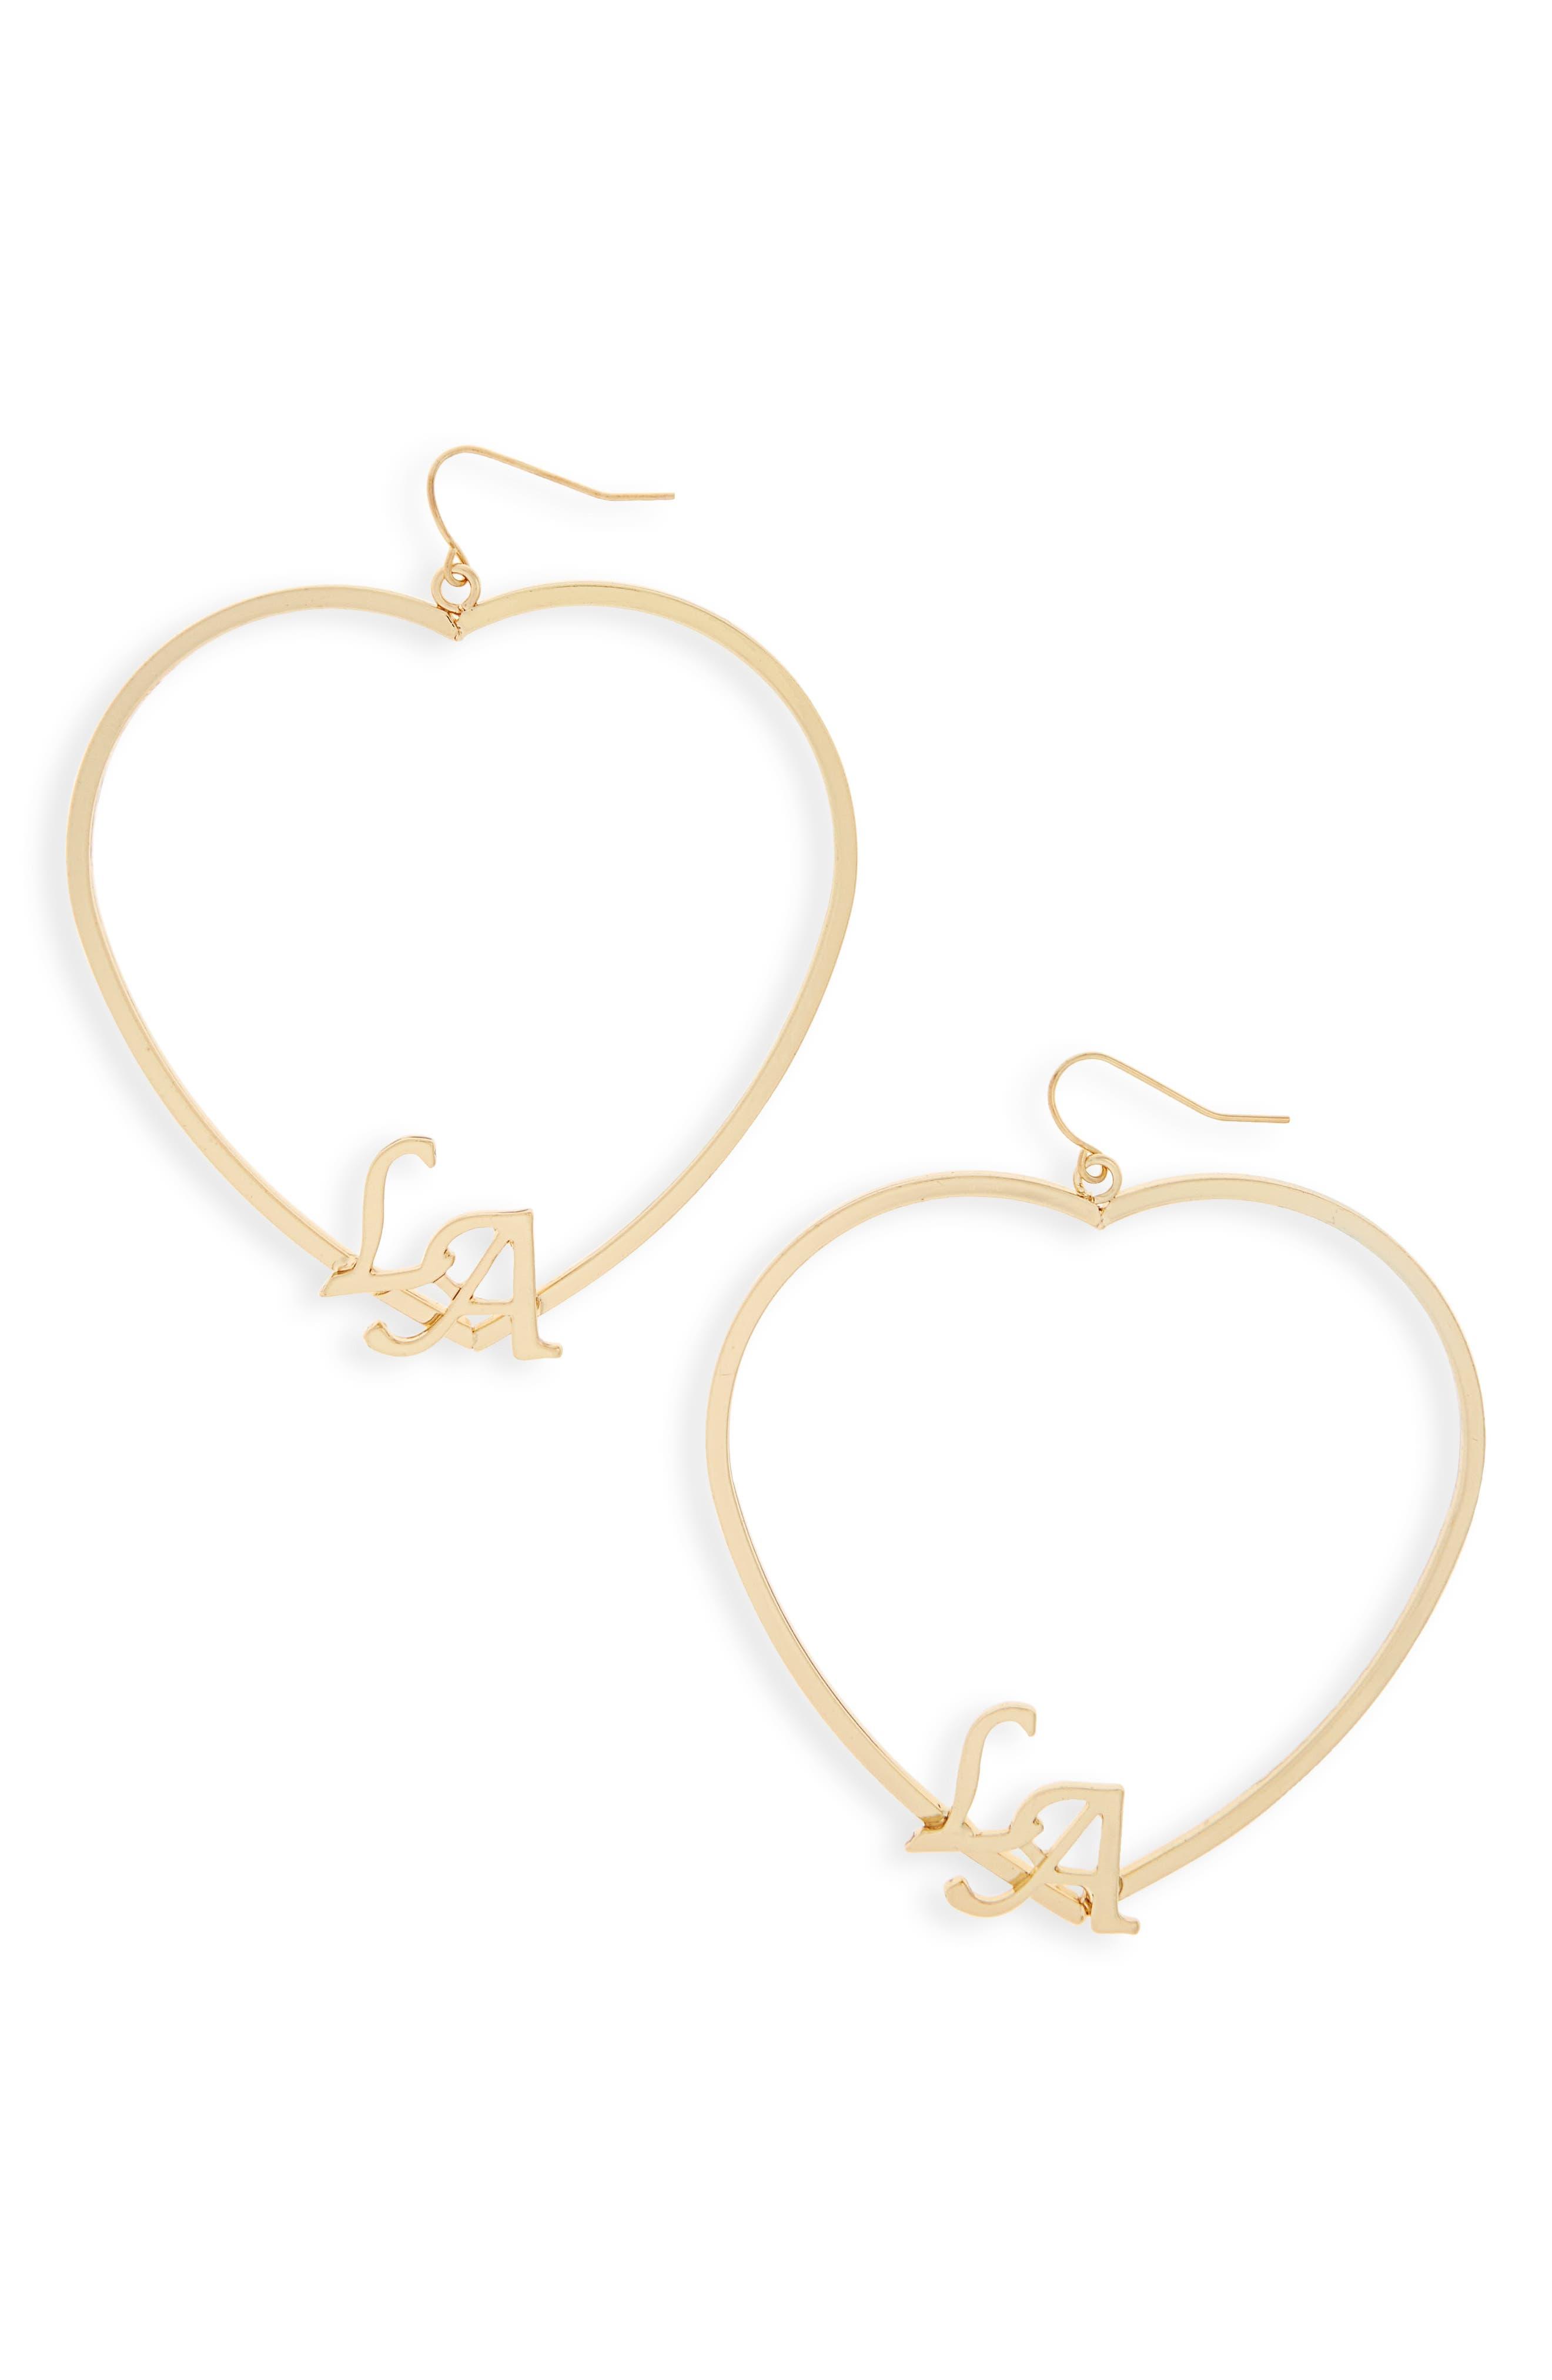 LA Heart Earrings,                             Main thumbnail 1, color,                             710